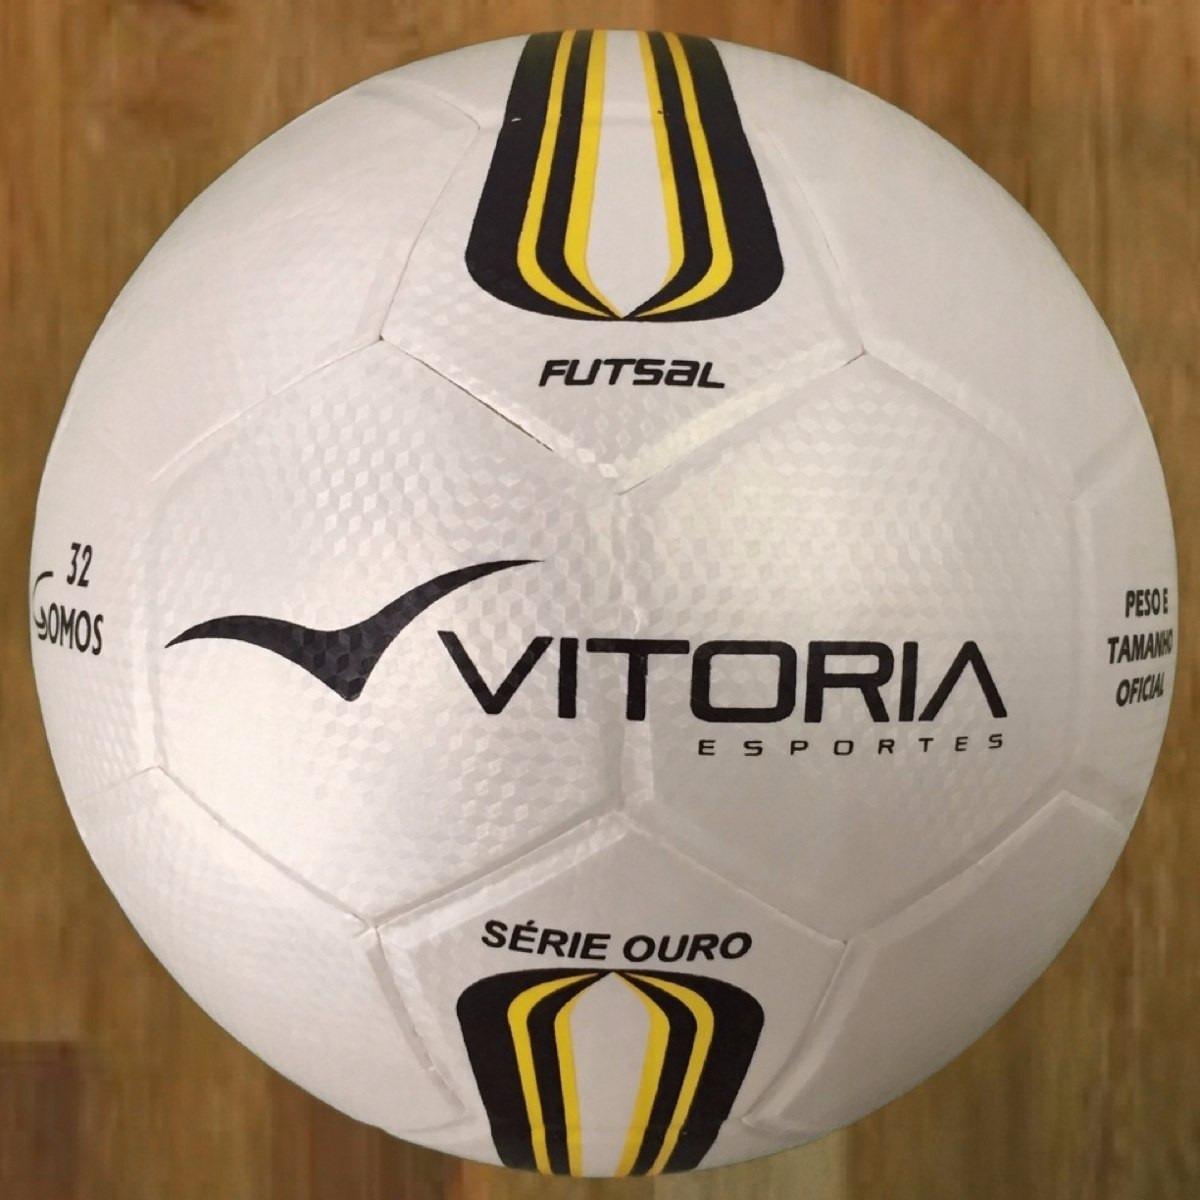 024961ea524f5 bola futsal vitória oficial série ouro prof max 500 adulto. Carregando zoom.